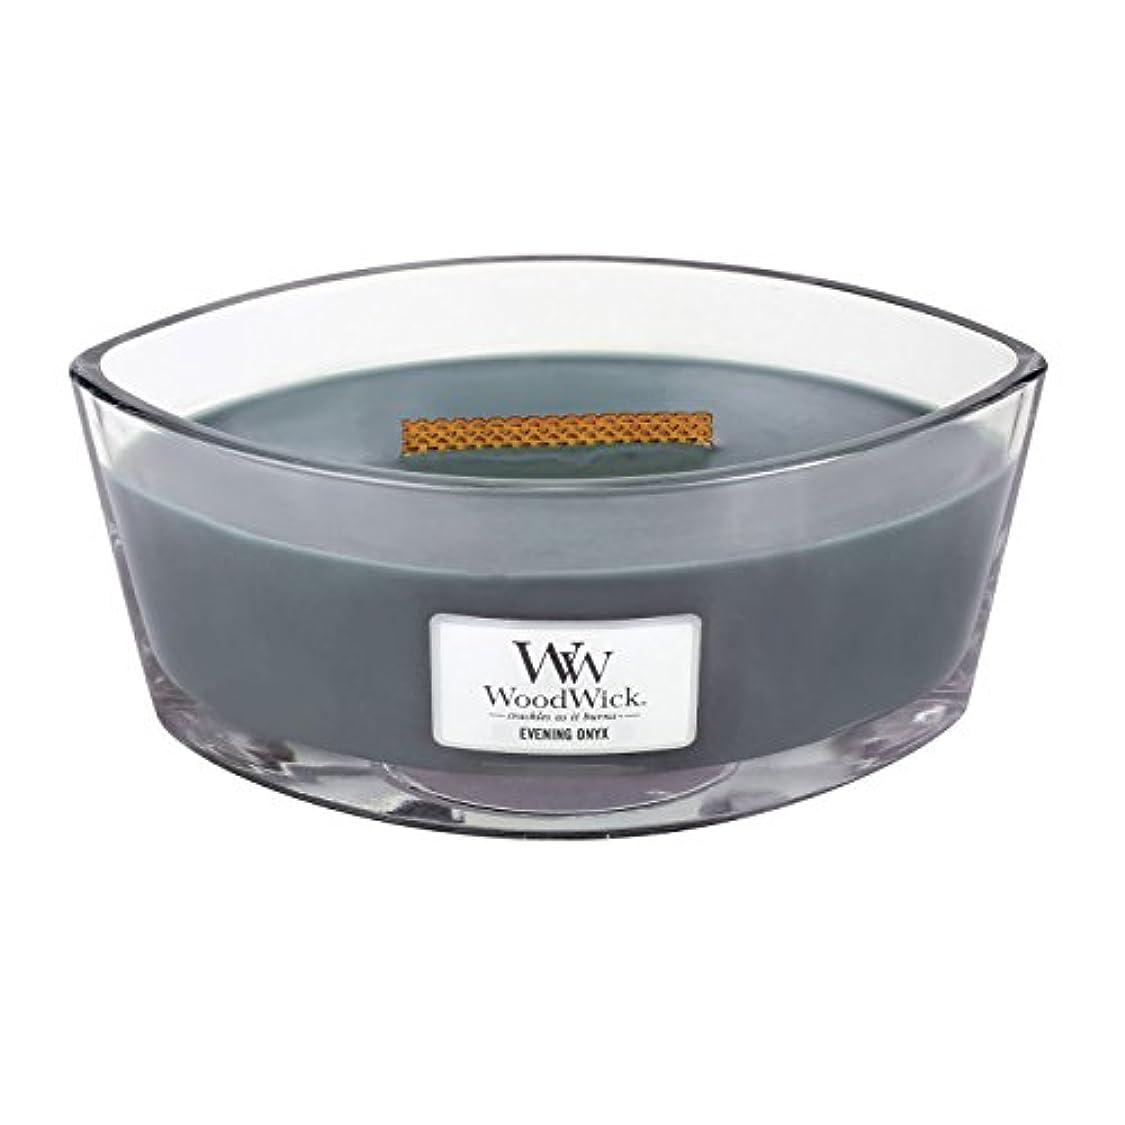 ダウンタウン才能故障WoodWick EVENING ONYX, Highly Scented Candle, Ellipse Glass Jar with Original HearthWick Flame, Large 18cm, 470ml